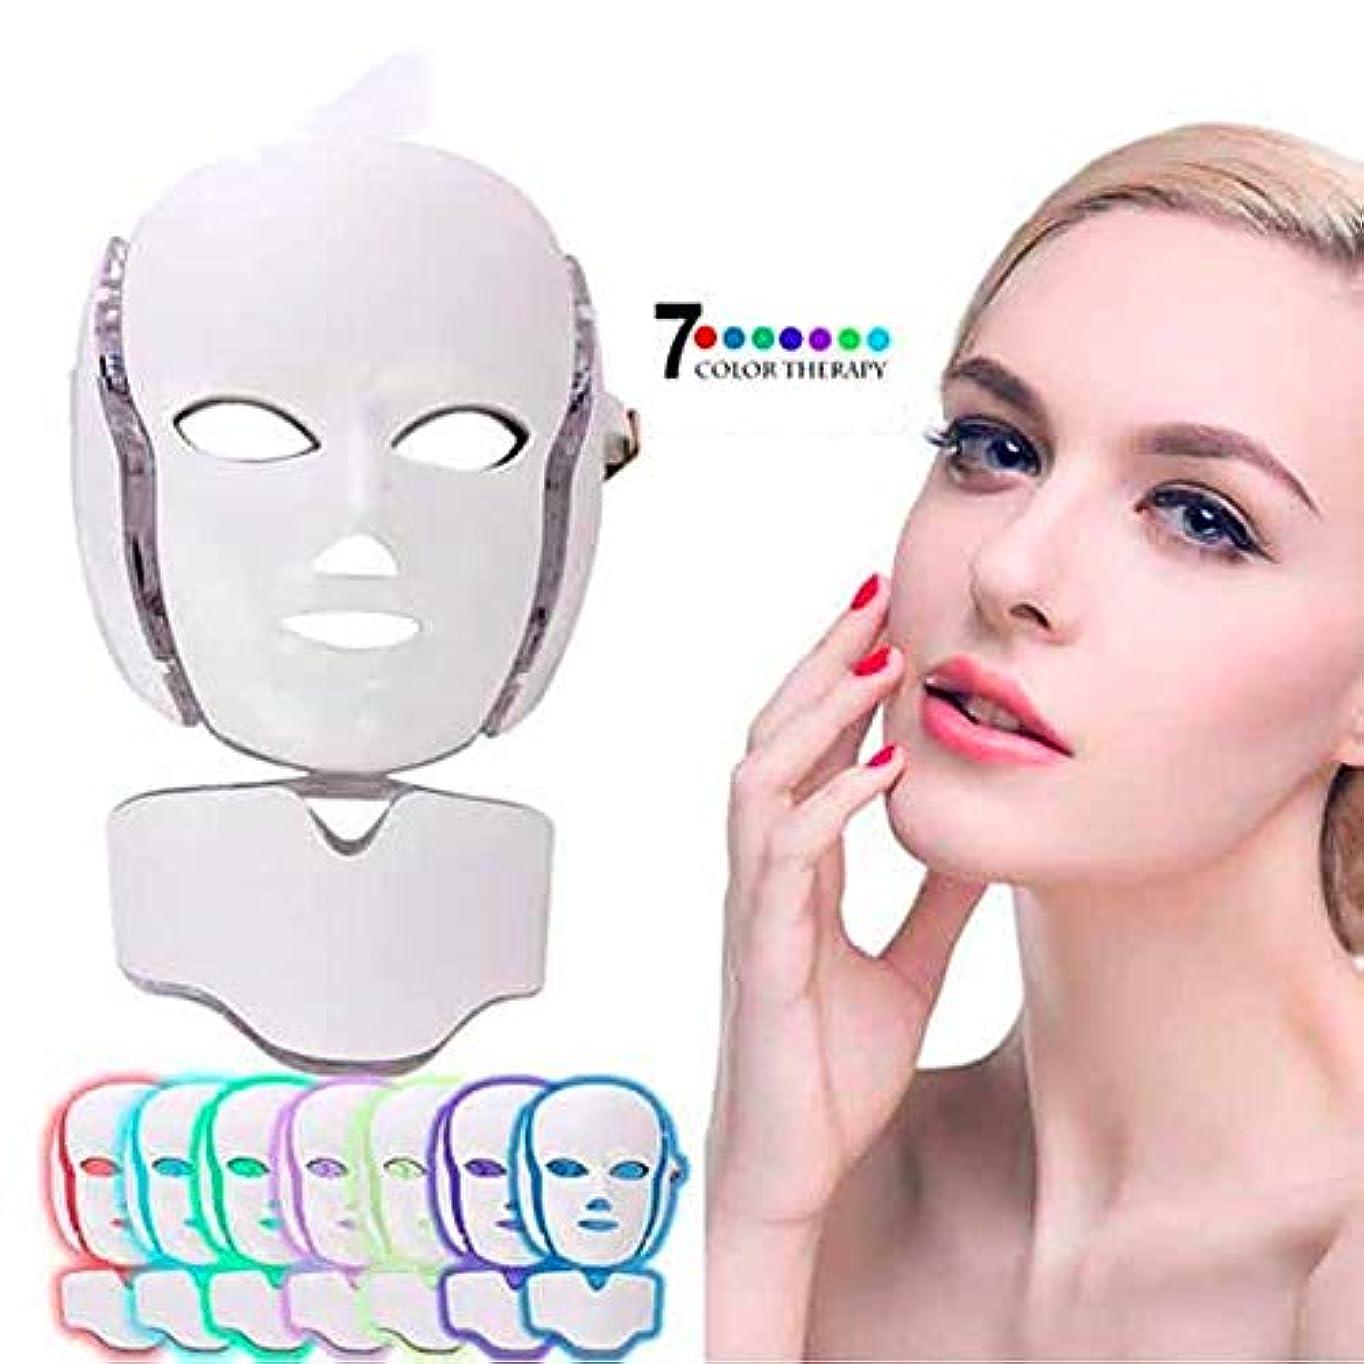 やがて方法カテナ7色の光子は、家庭用の肌の若返りのためにひげネックマスク、にきび、毛穴、アンチエイジング美容ライトセラピーのLEDライト